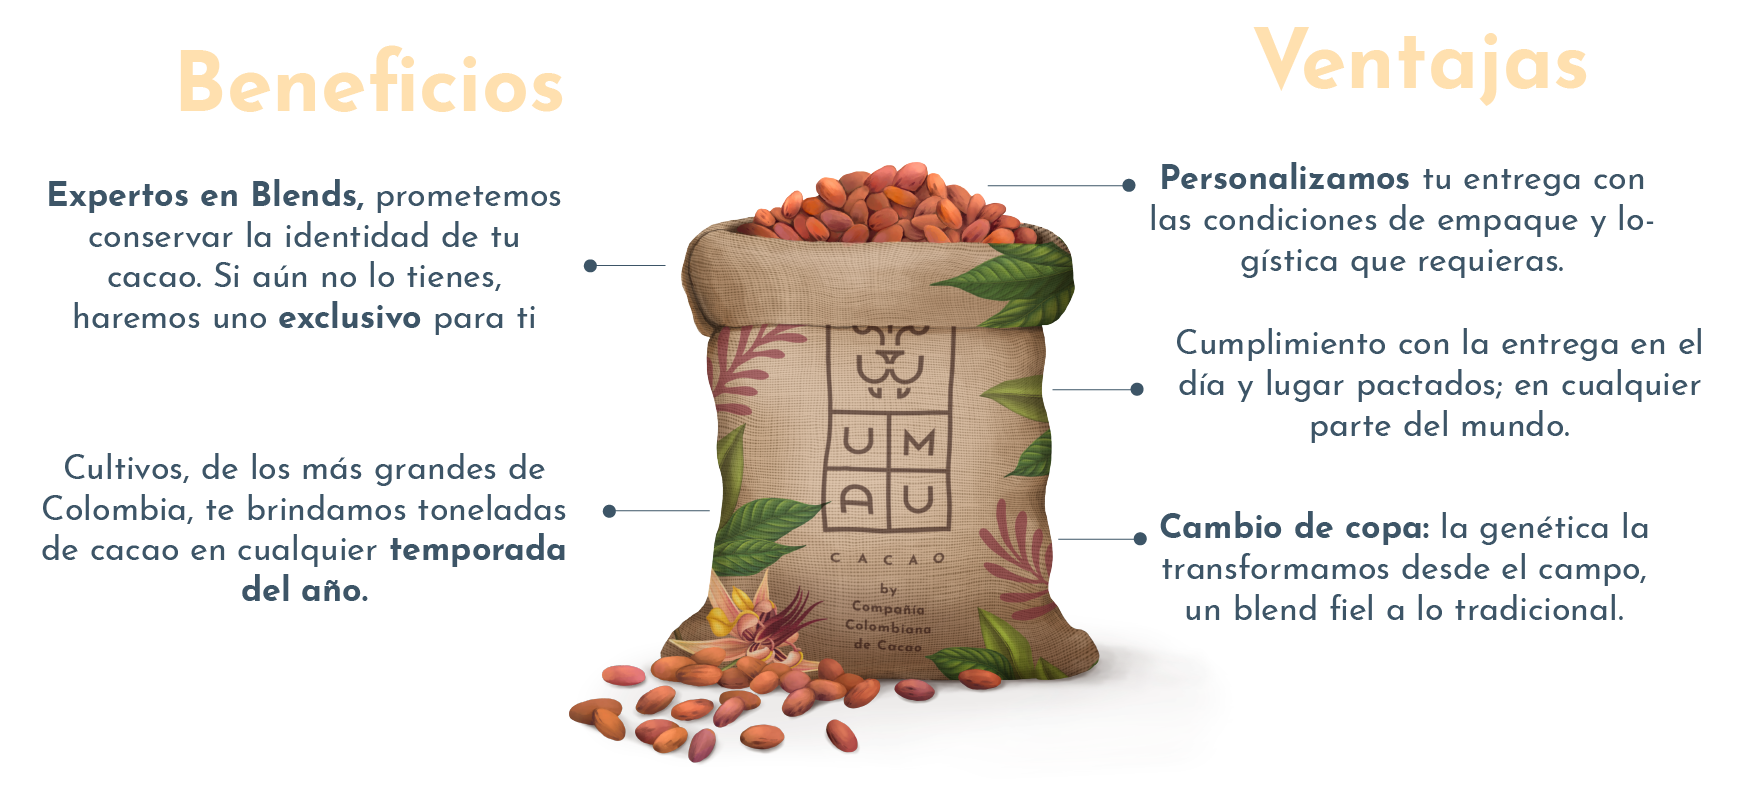 Sobre UMAU Cacao - Infografico